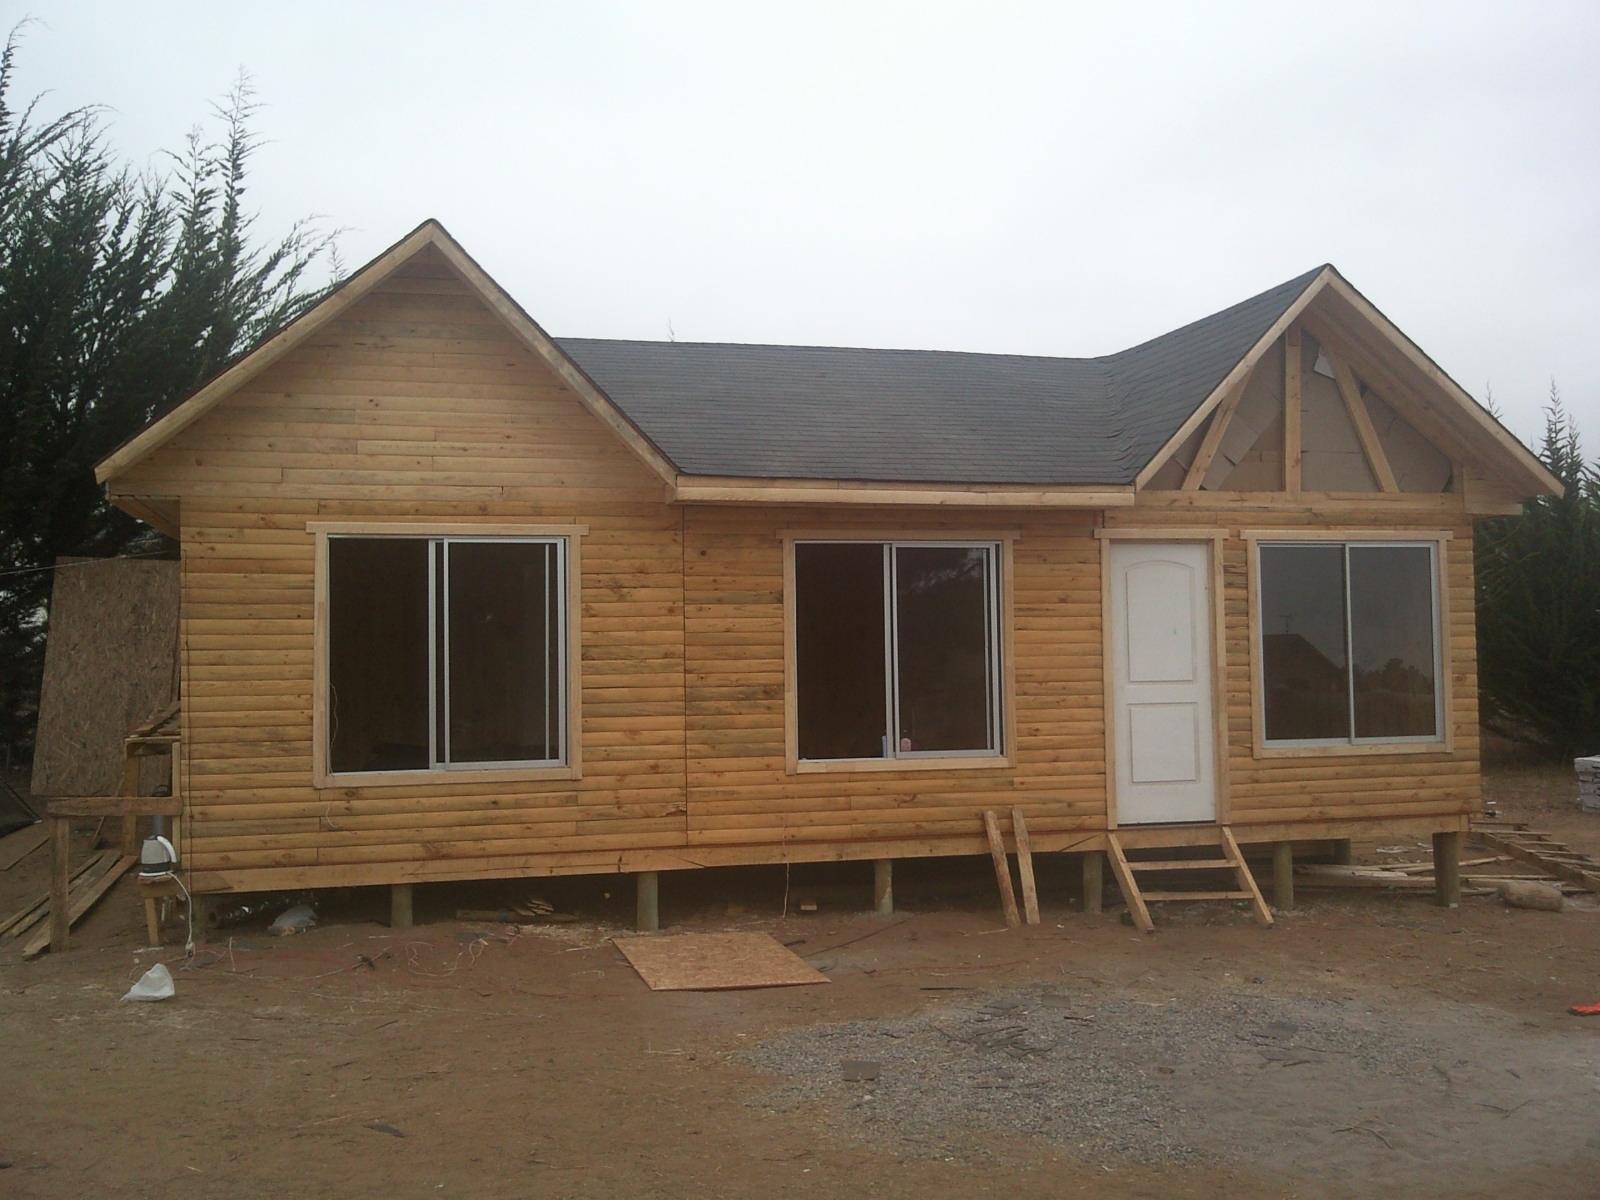 Casas prefabricadas casa 54 mts2 - Casas prefabricadas con terreno incluido ...